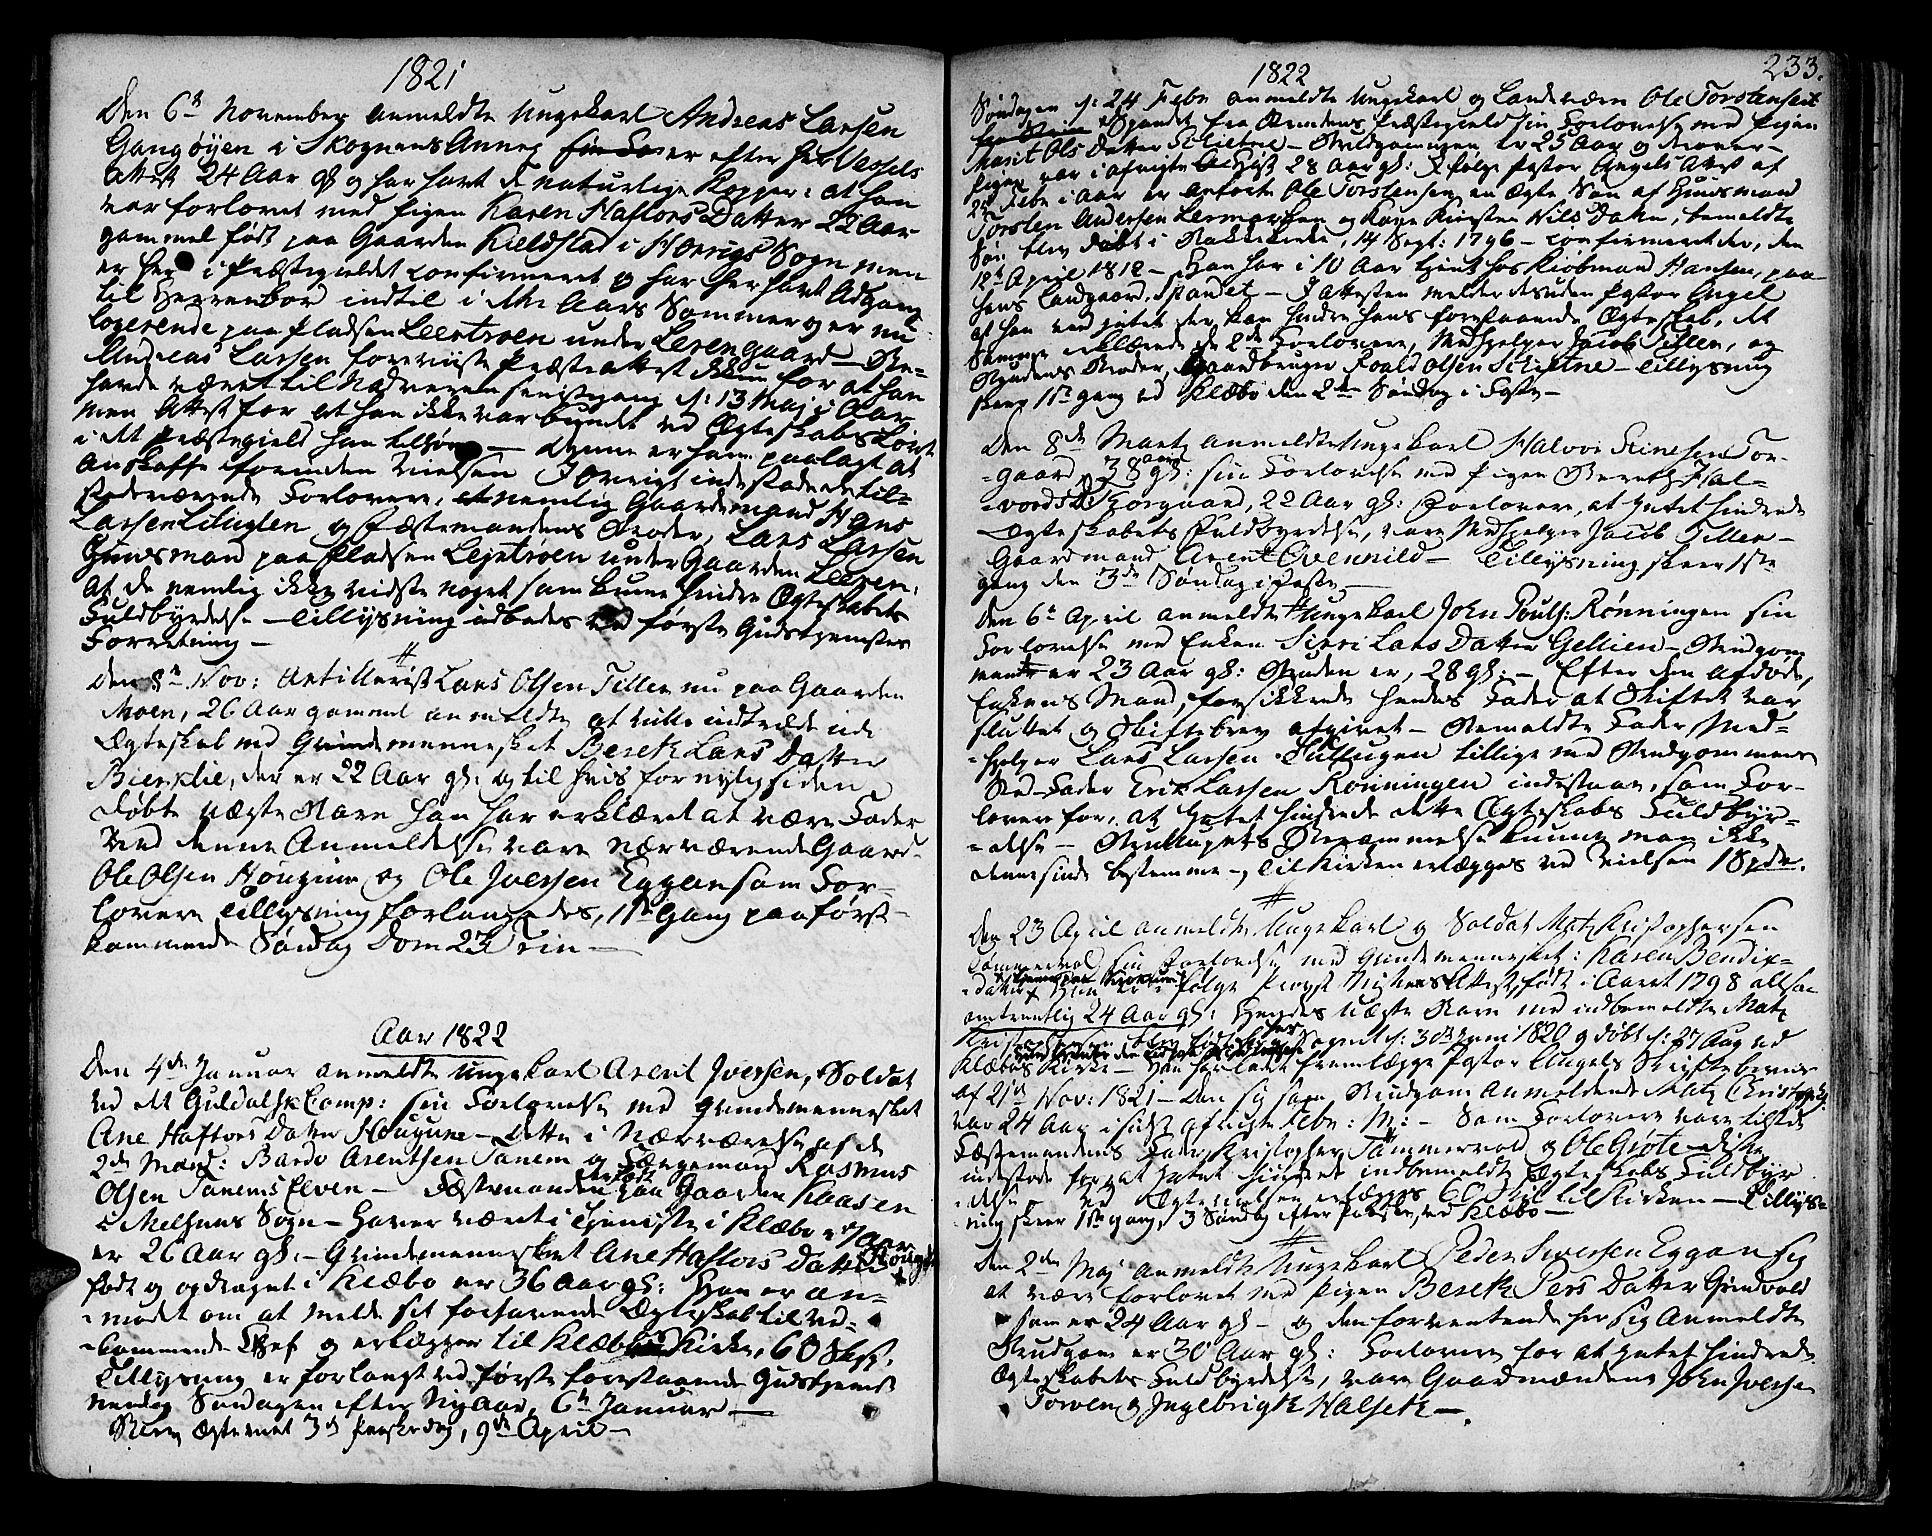 SAT, Ministerialprotokoller, klokkerbøker og fødselsregistre - Sør-Trøndelag, 618/L0438: Ministerialbok nr. 618A03, 1783-1815, s. 233